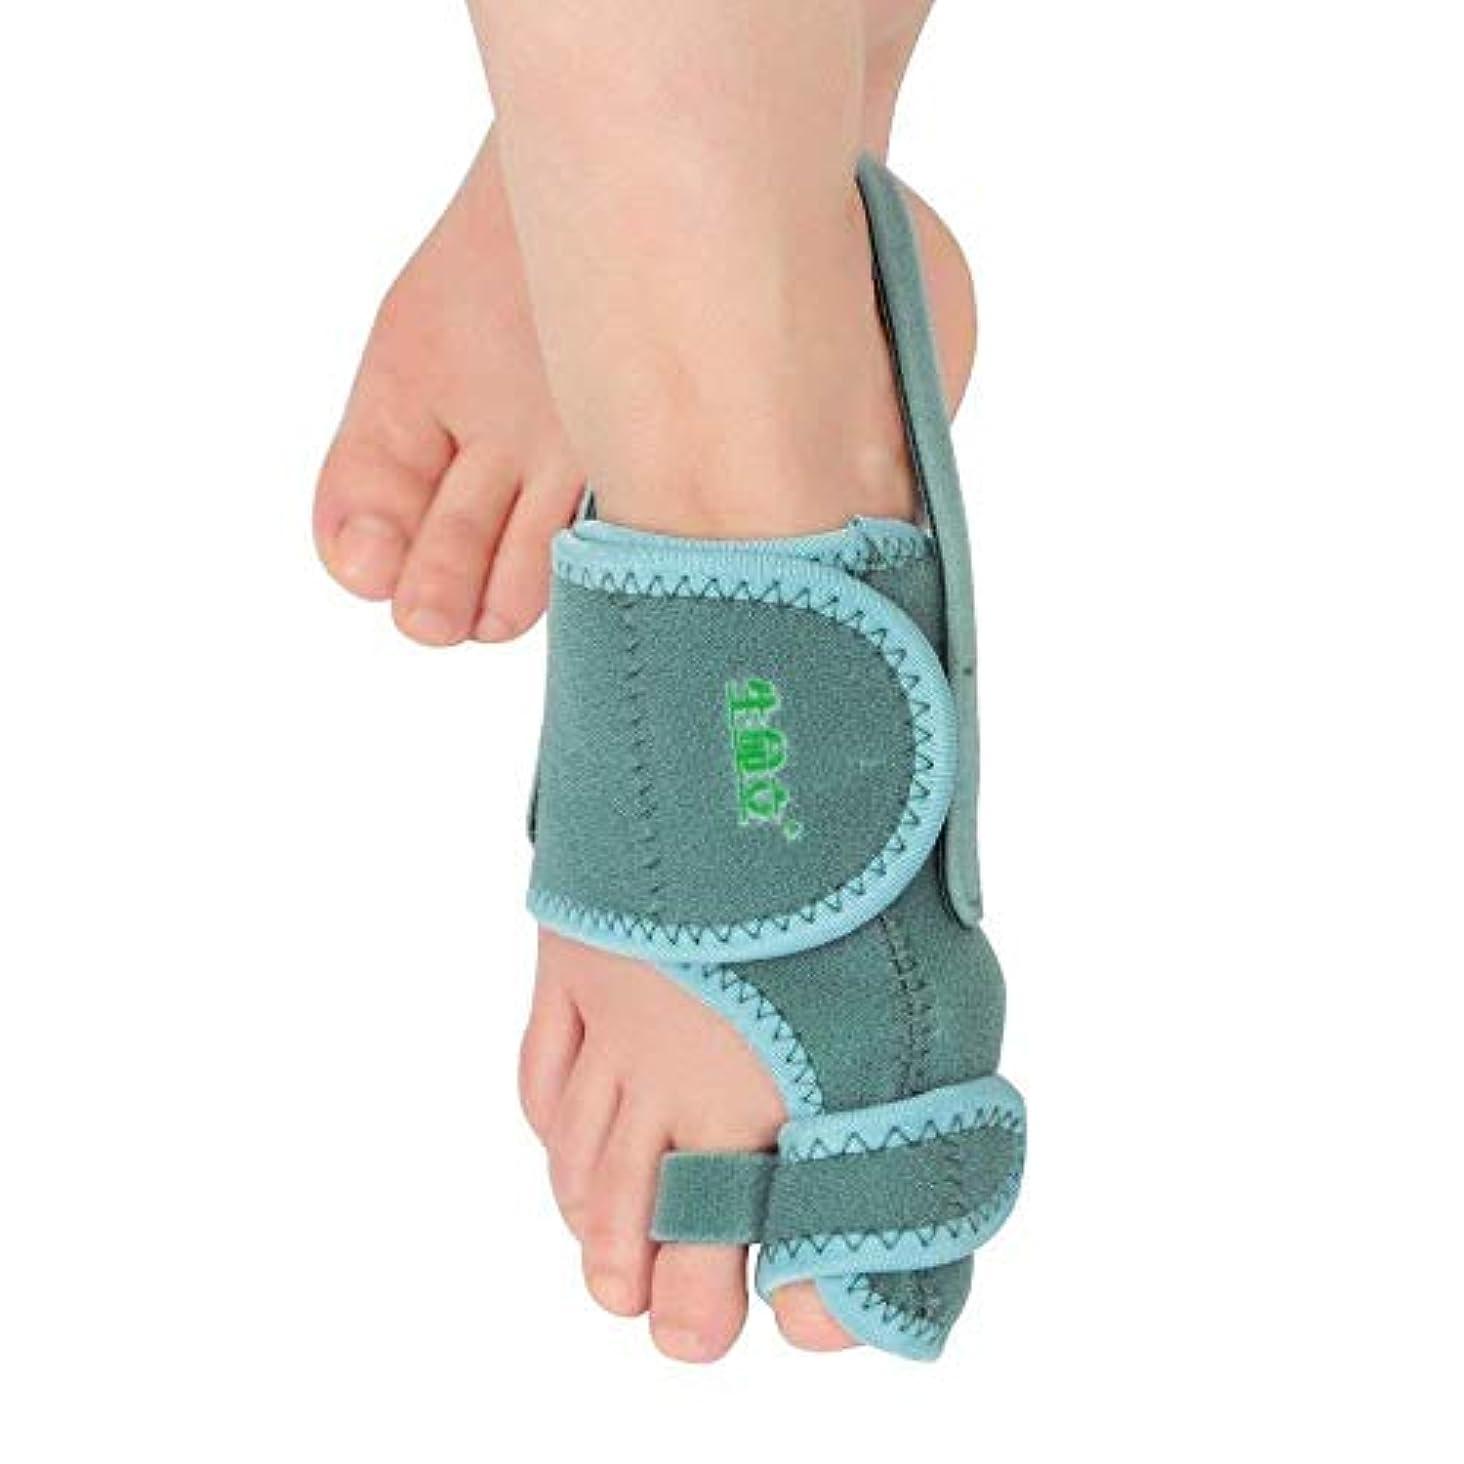 トリムぼかし強制的外反母ortho装具、女性と男性の足の親指の矯正用セパレーターの腱膜瘤緩和のための夜間親指つま先外反,Left Foot